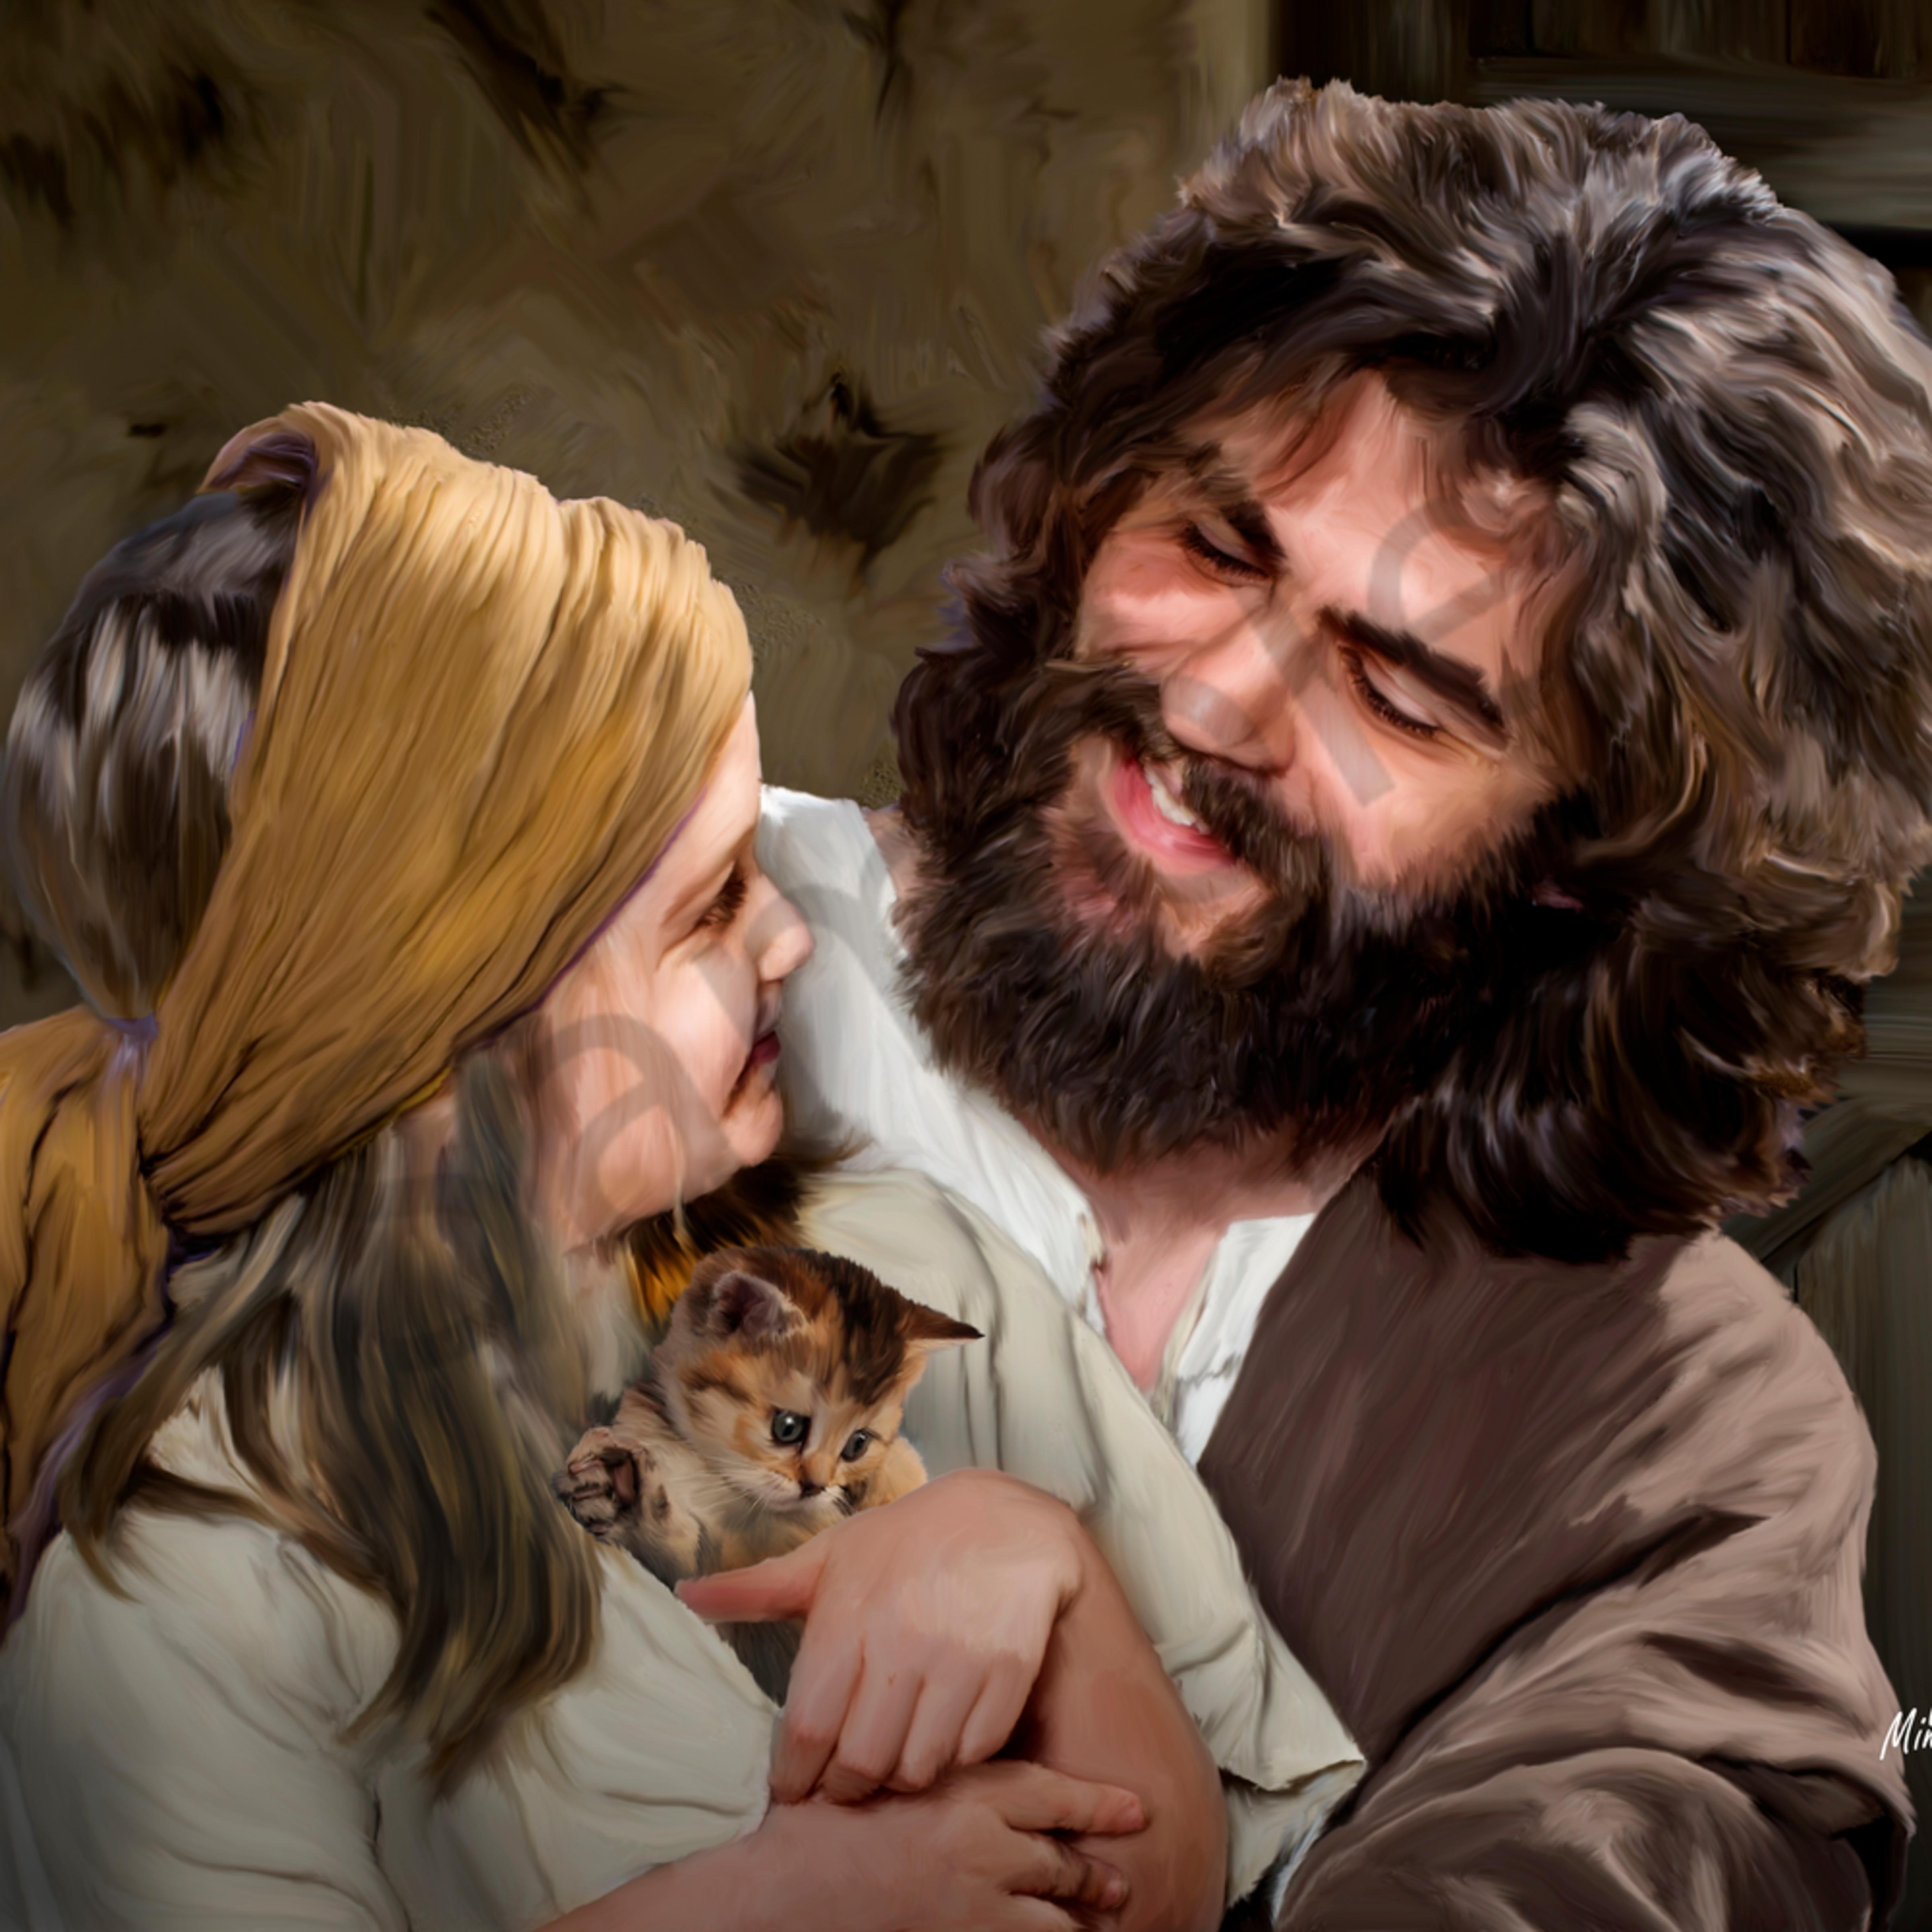 Jesus and girl df8j6v